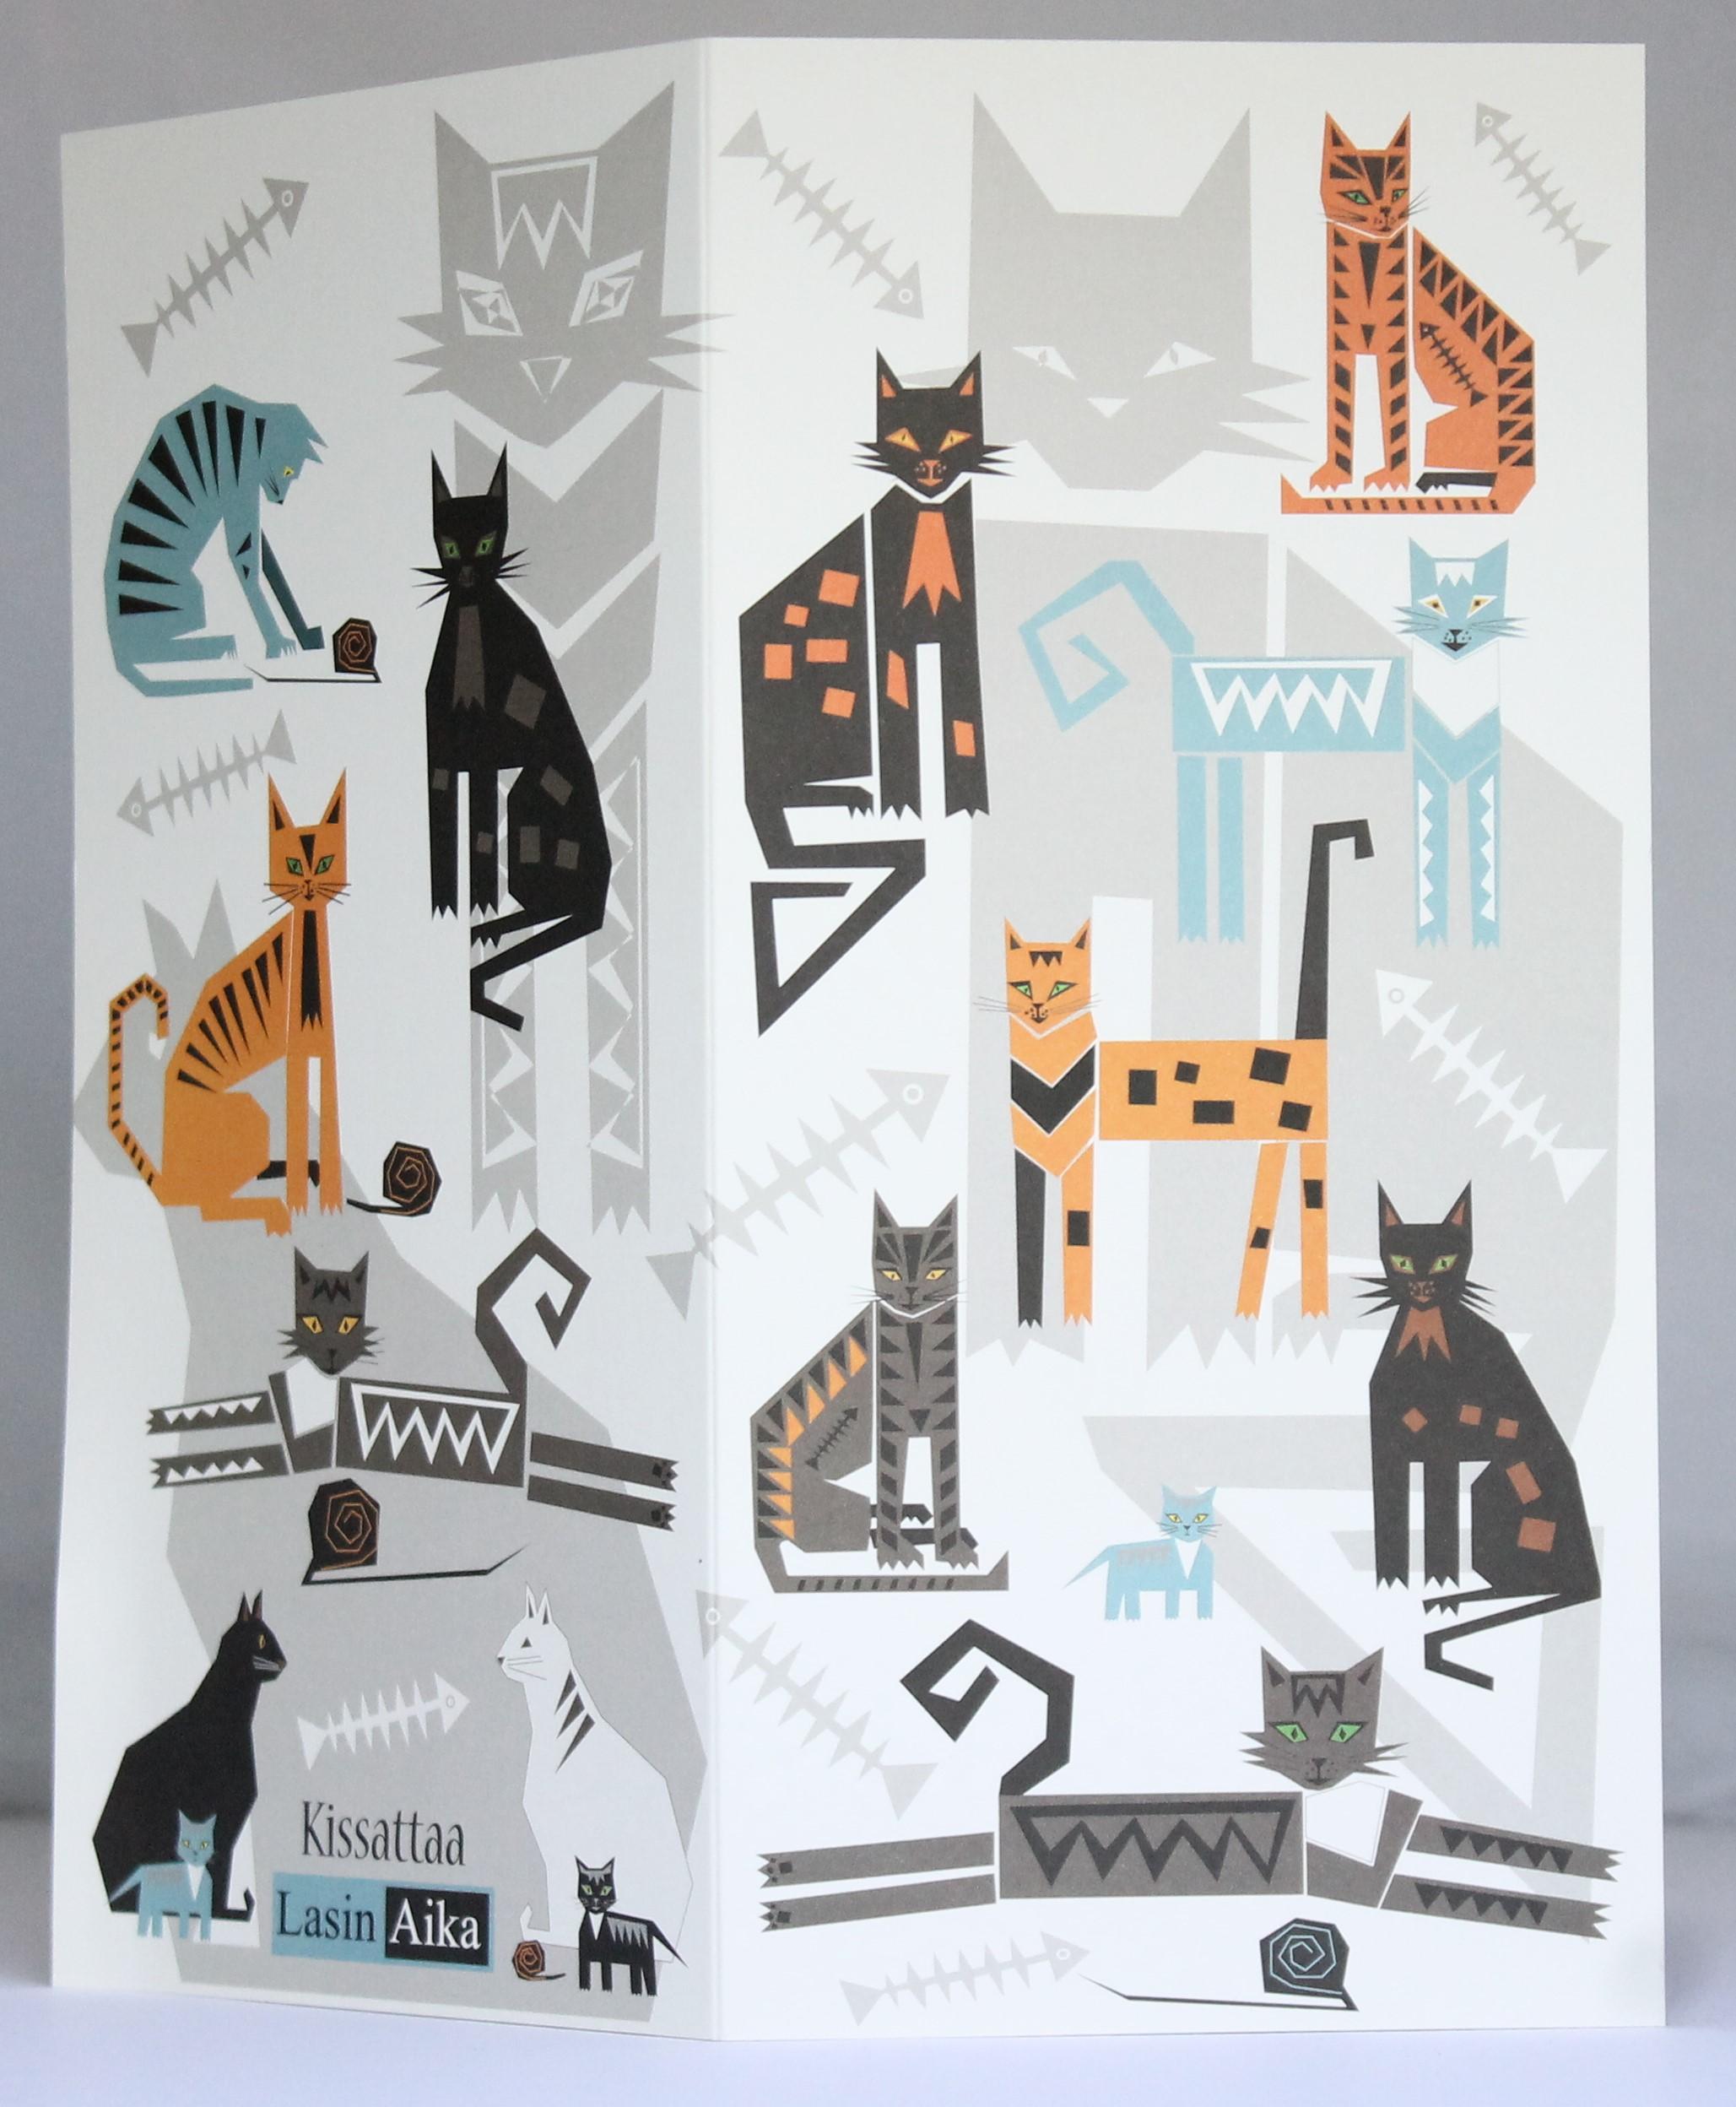 9. Kissattaa